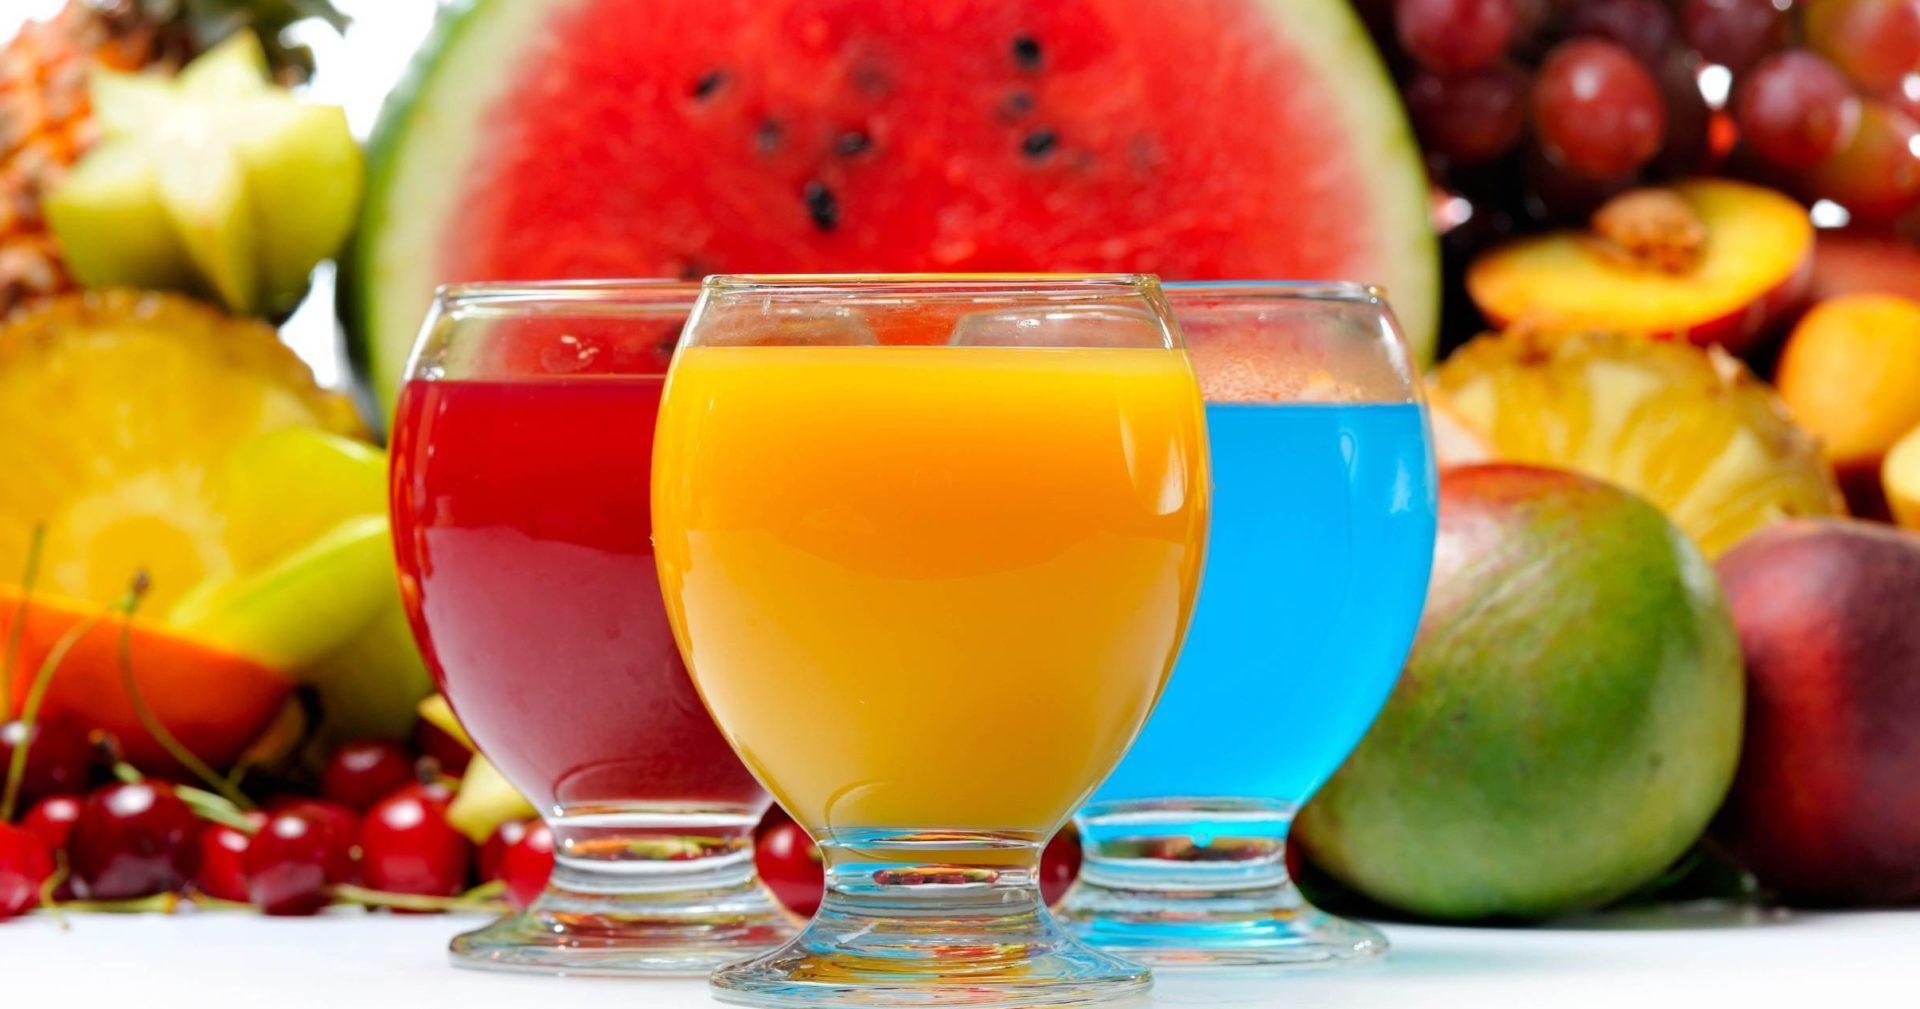 ТОП-10 полезных напитков на каждый день